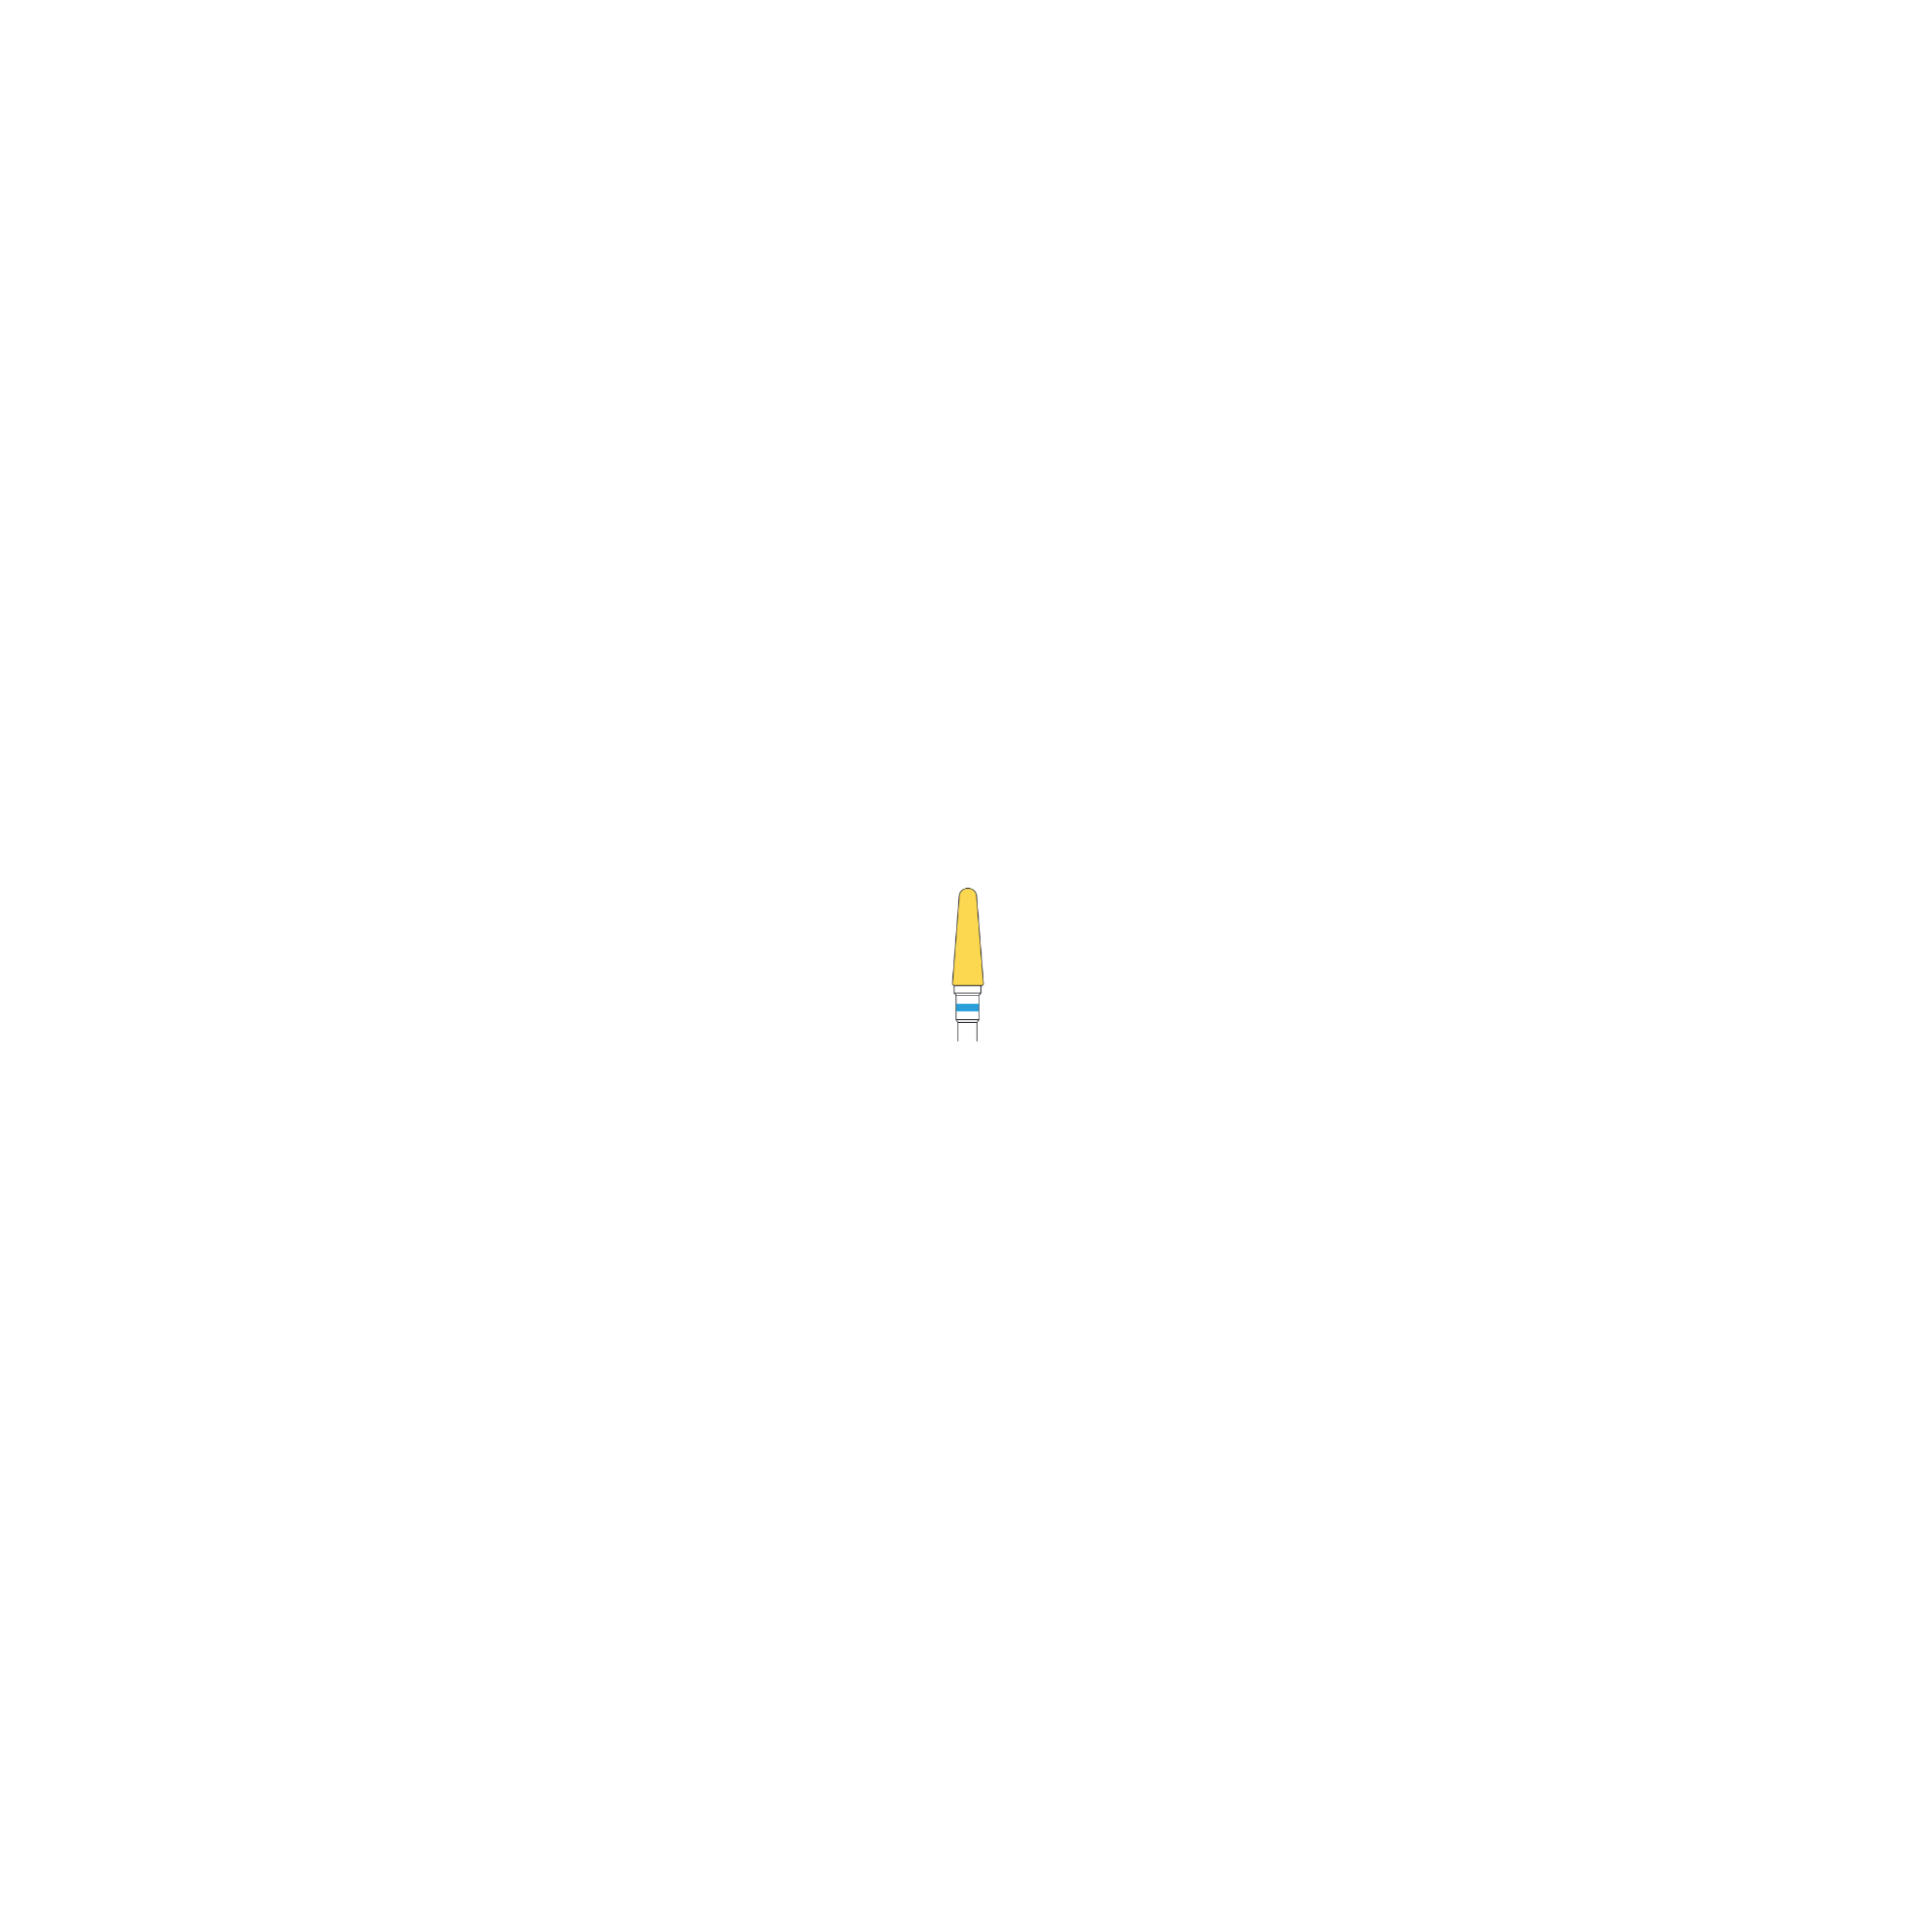 Fraise en carbure de tungstène 5645 - Denture moyenne - 4 mm